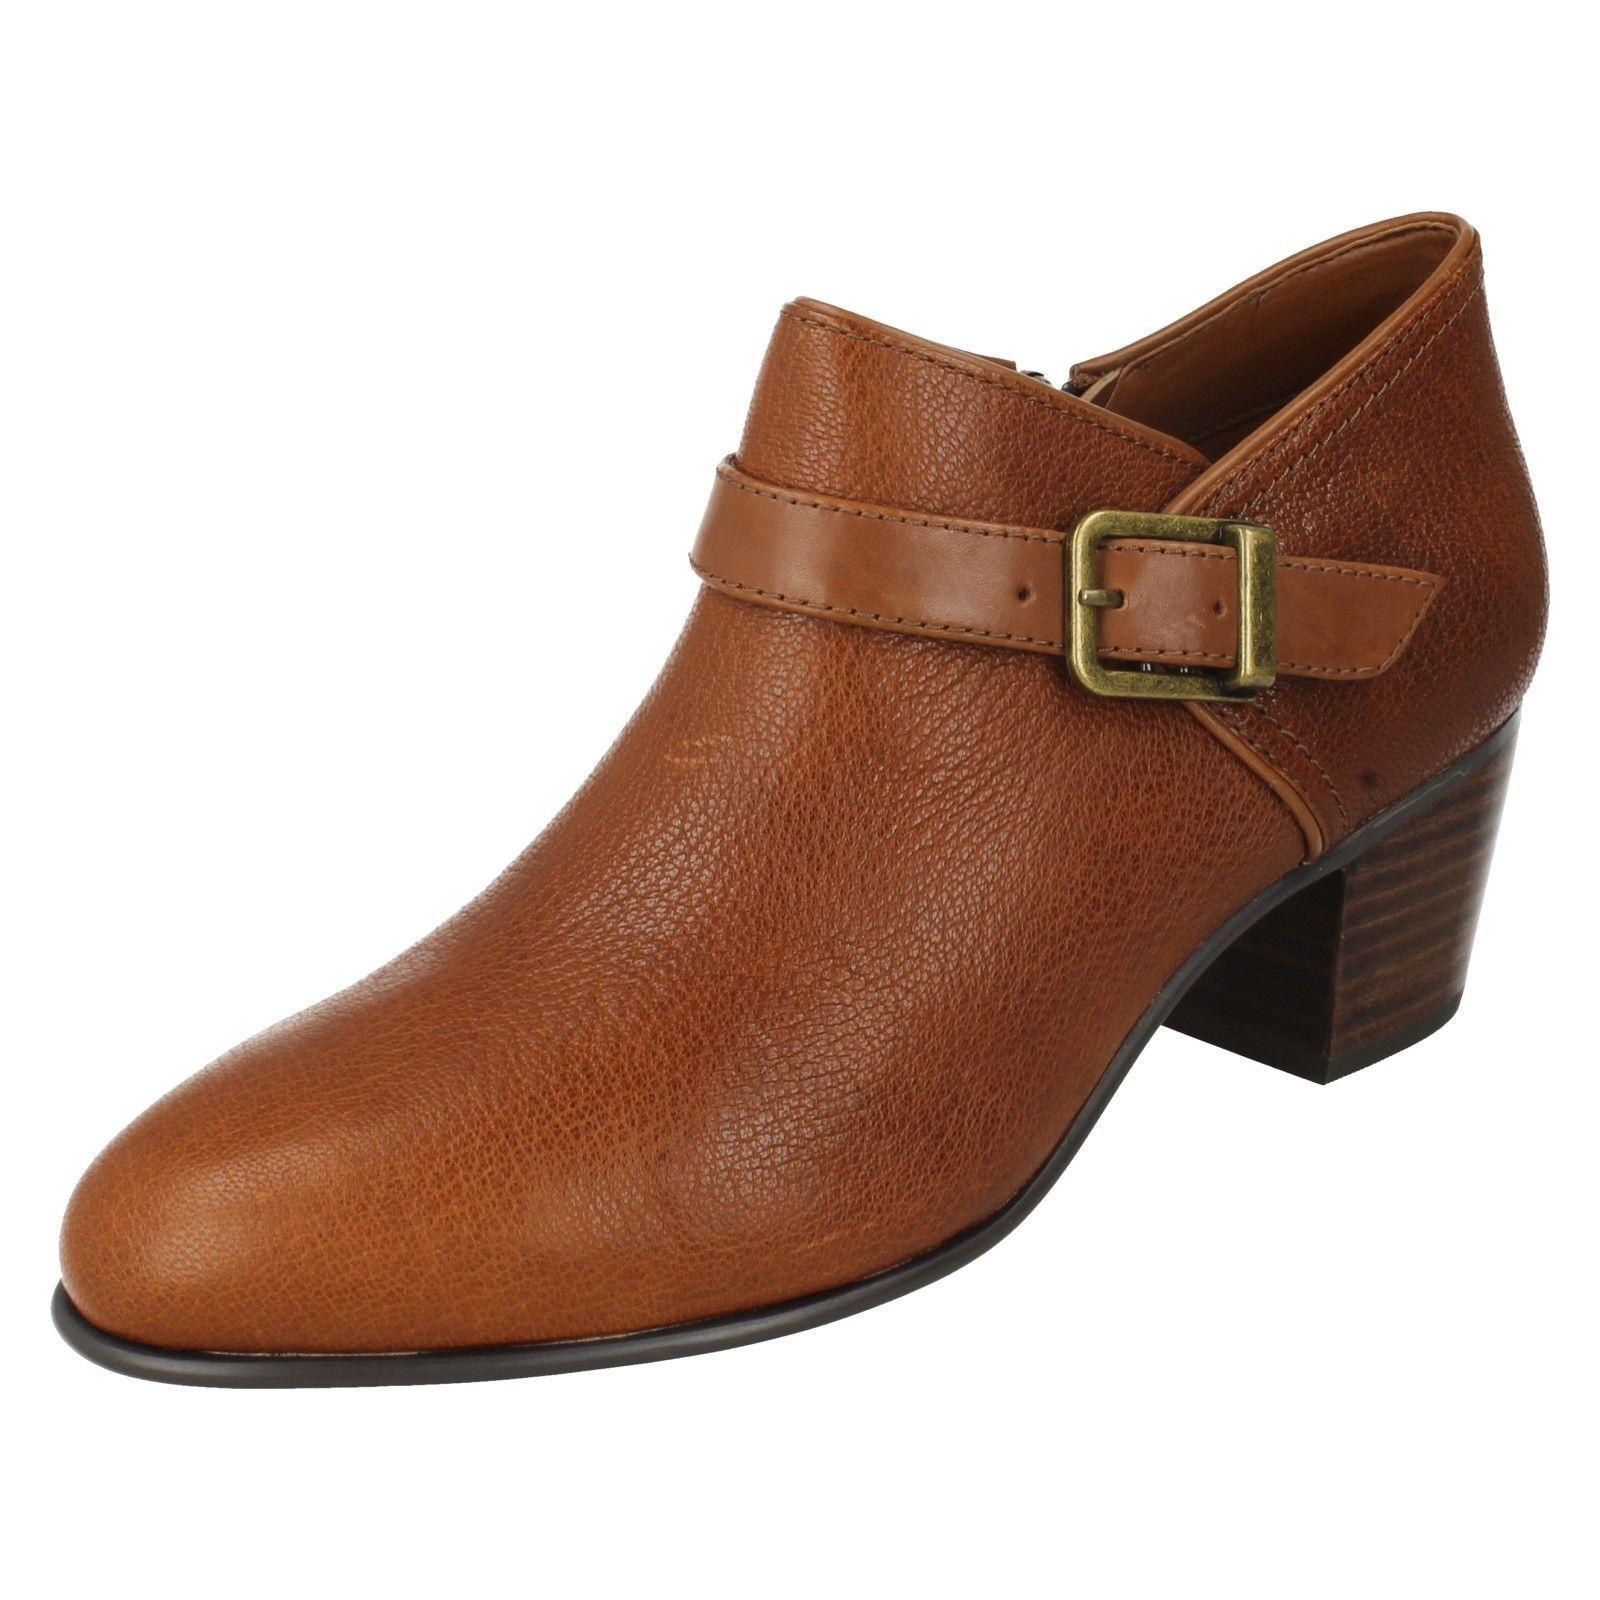 Clarks mujer maypearl Milla Cuero Tostado botas al tobillo hebilla con detalle de hebilla tobillo 6ffc50